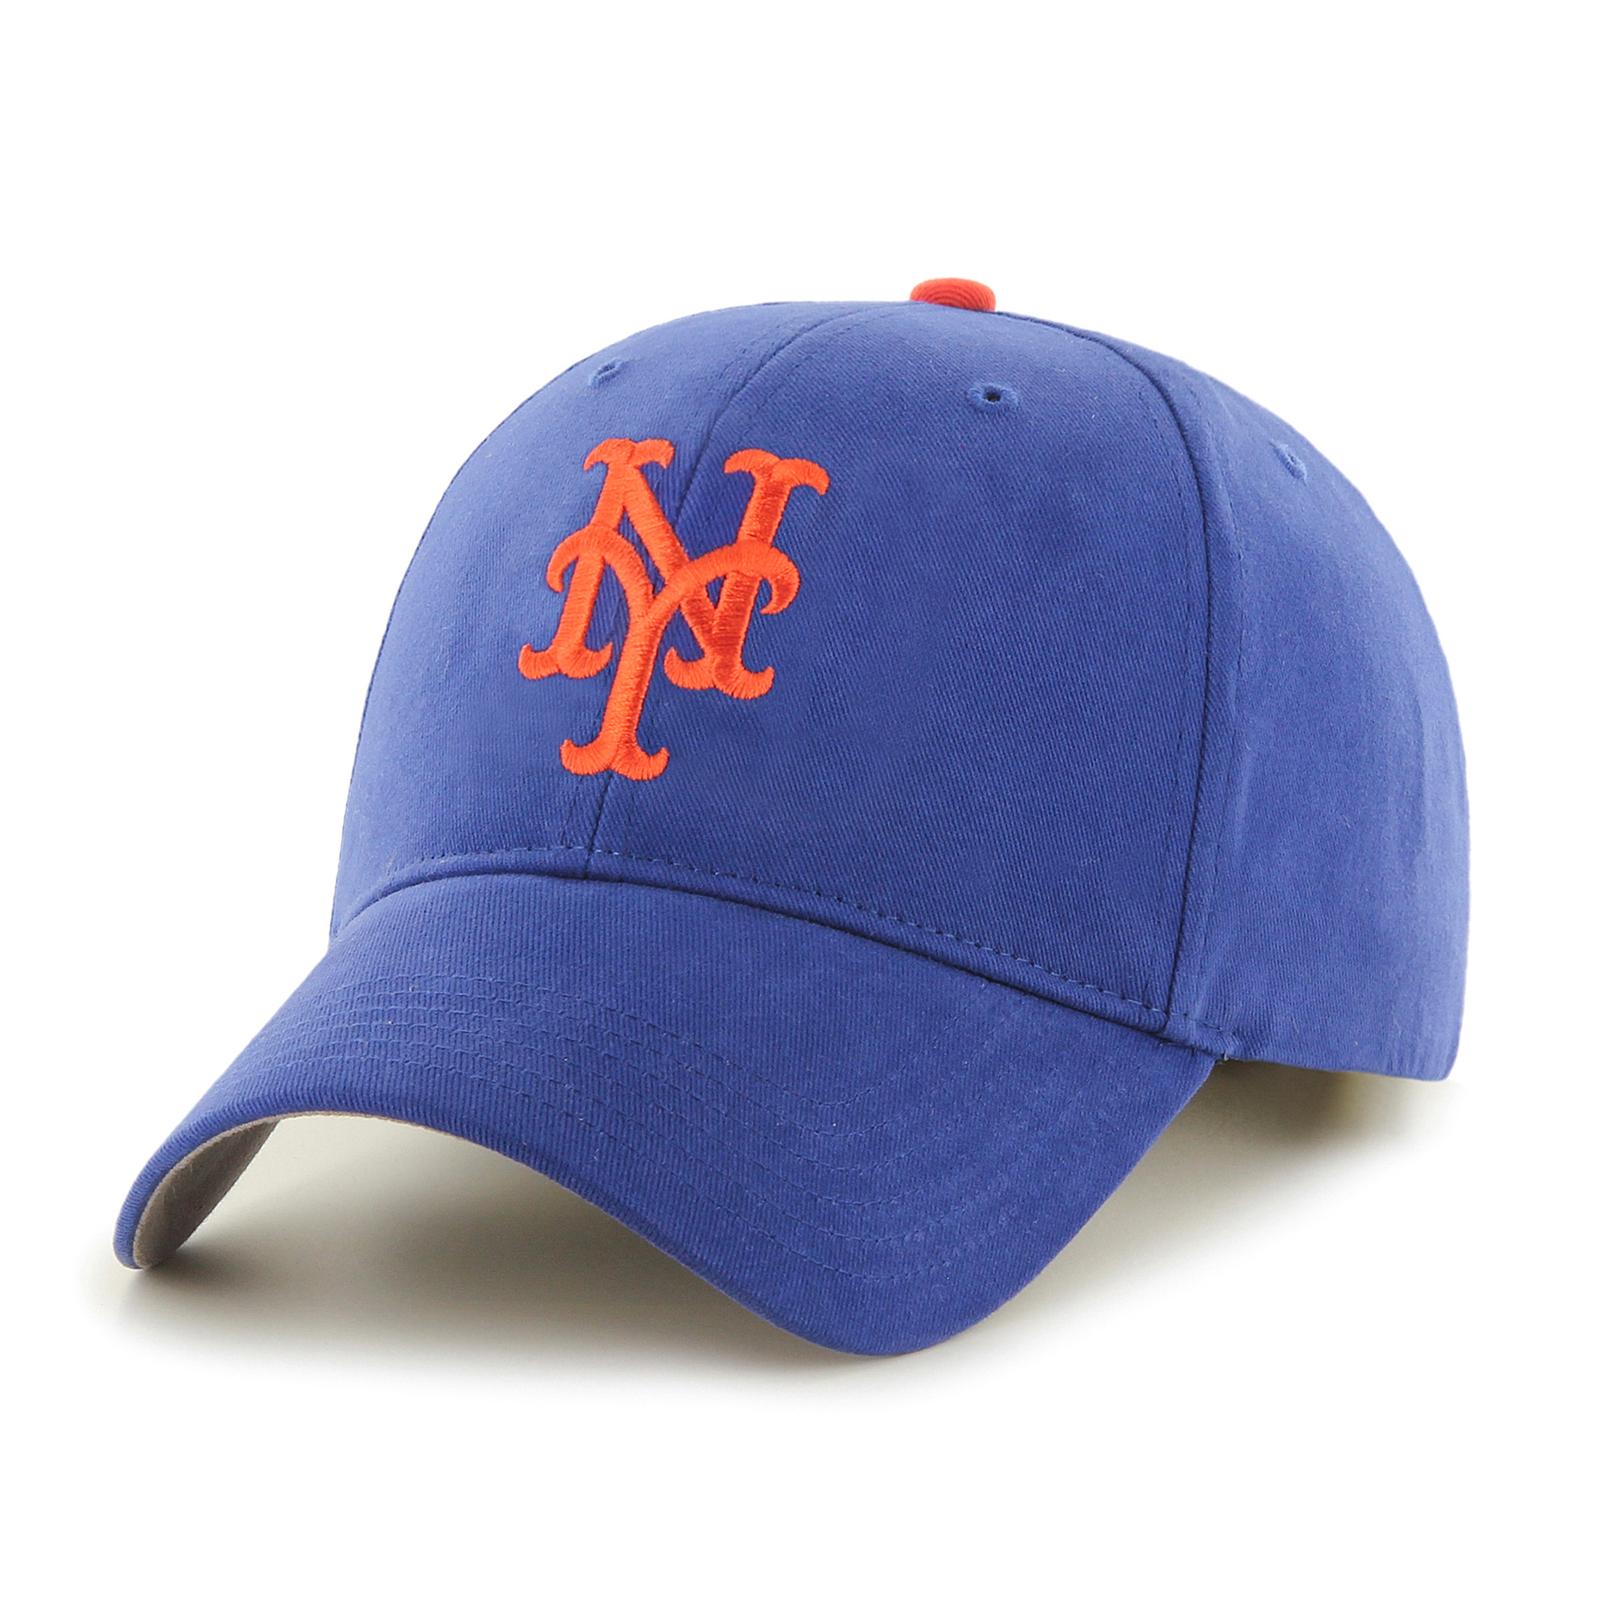 '47 Brand 47 Brand MLB Fan Favorite New York Mets Basic Cap PartNumber: 00644100000P KsnValue: 00644100000 MfgPartNumber: 188592